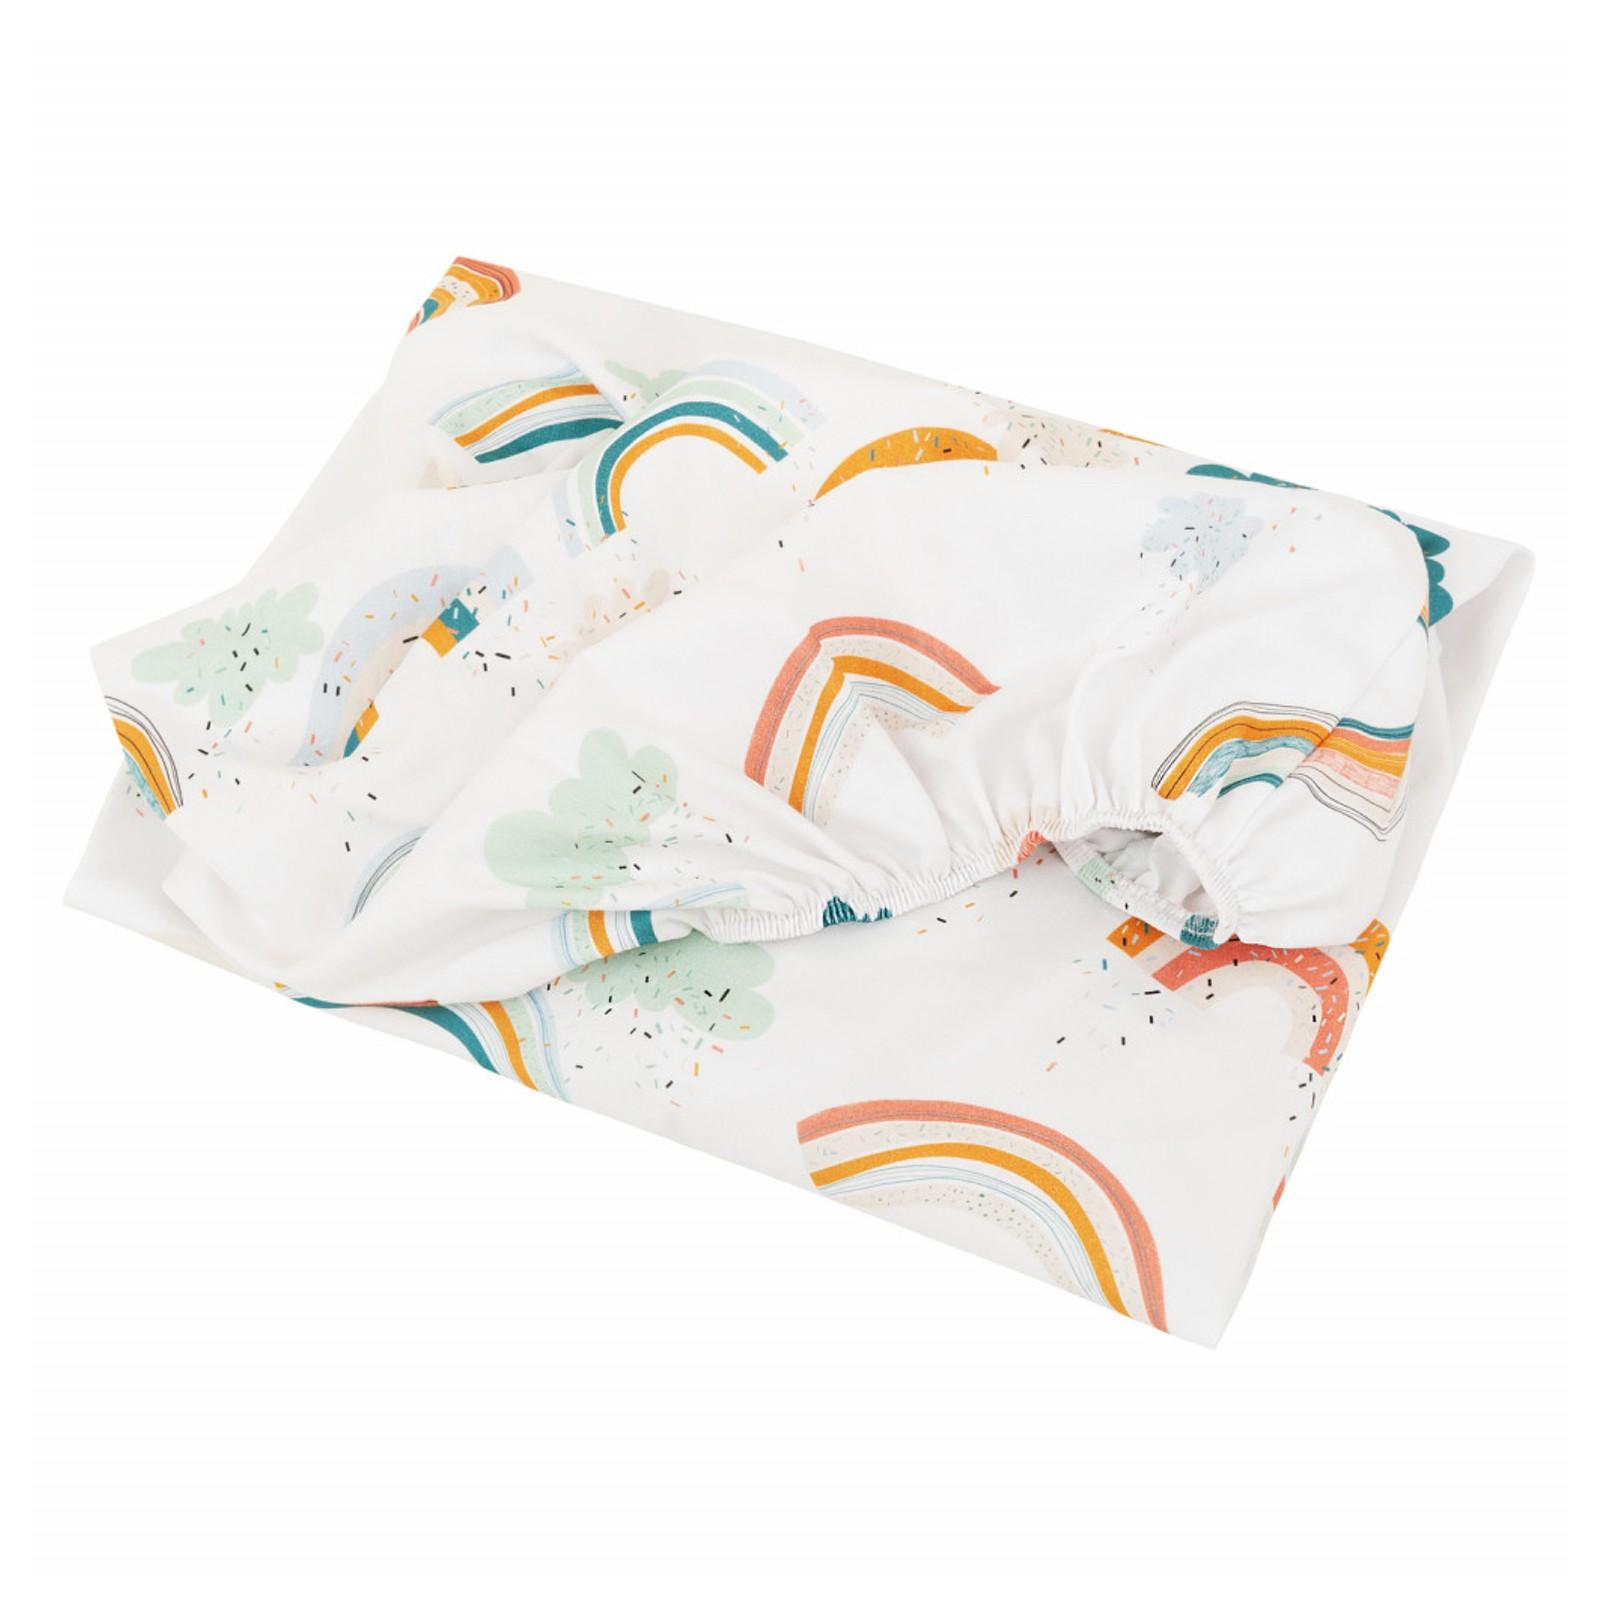 Drap housse bébé en coton multicolore 60x120